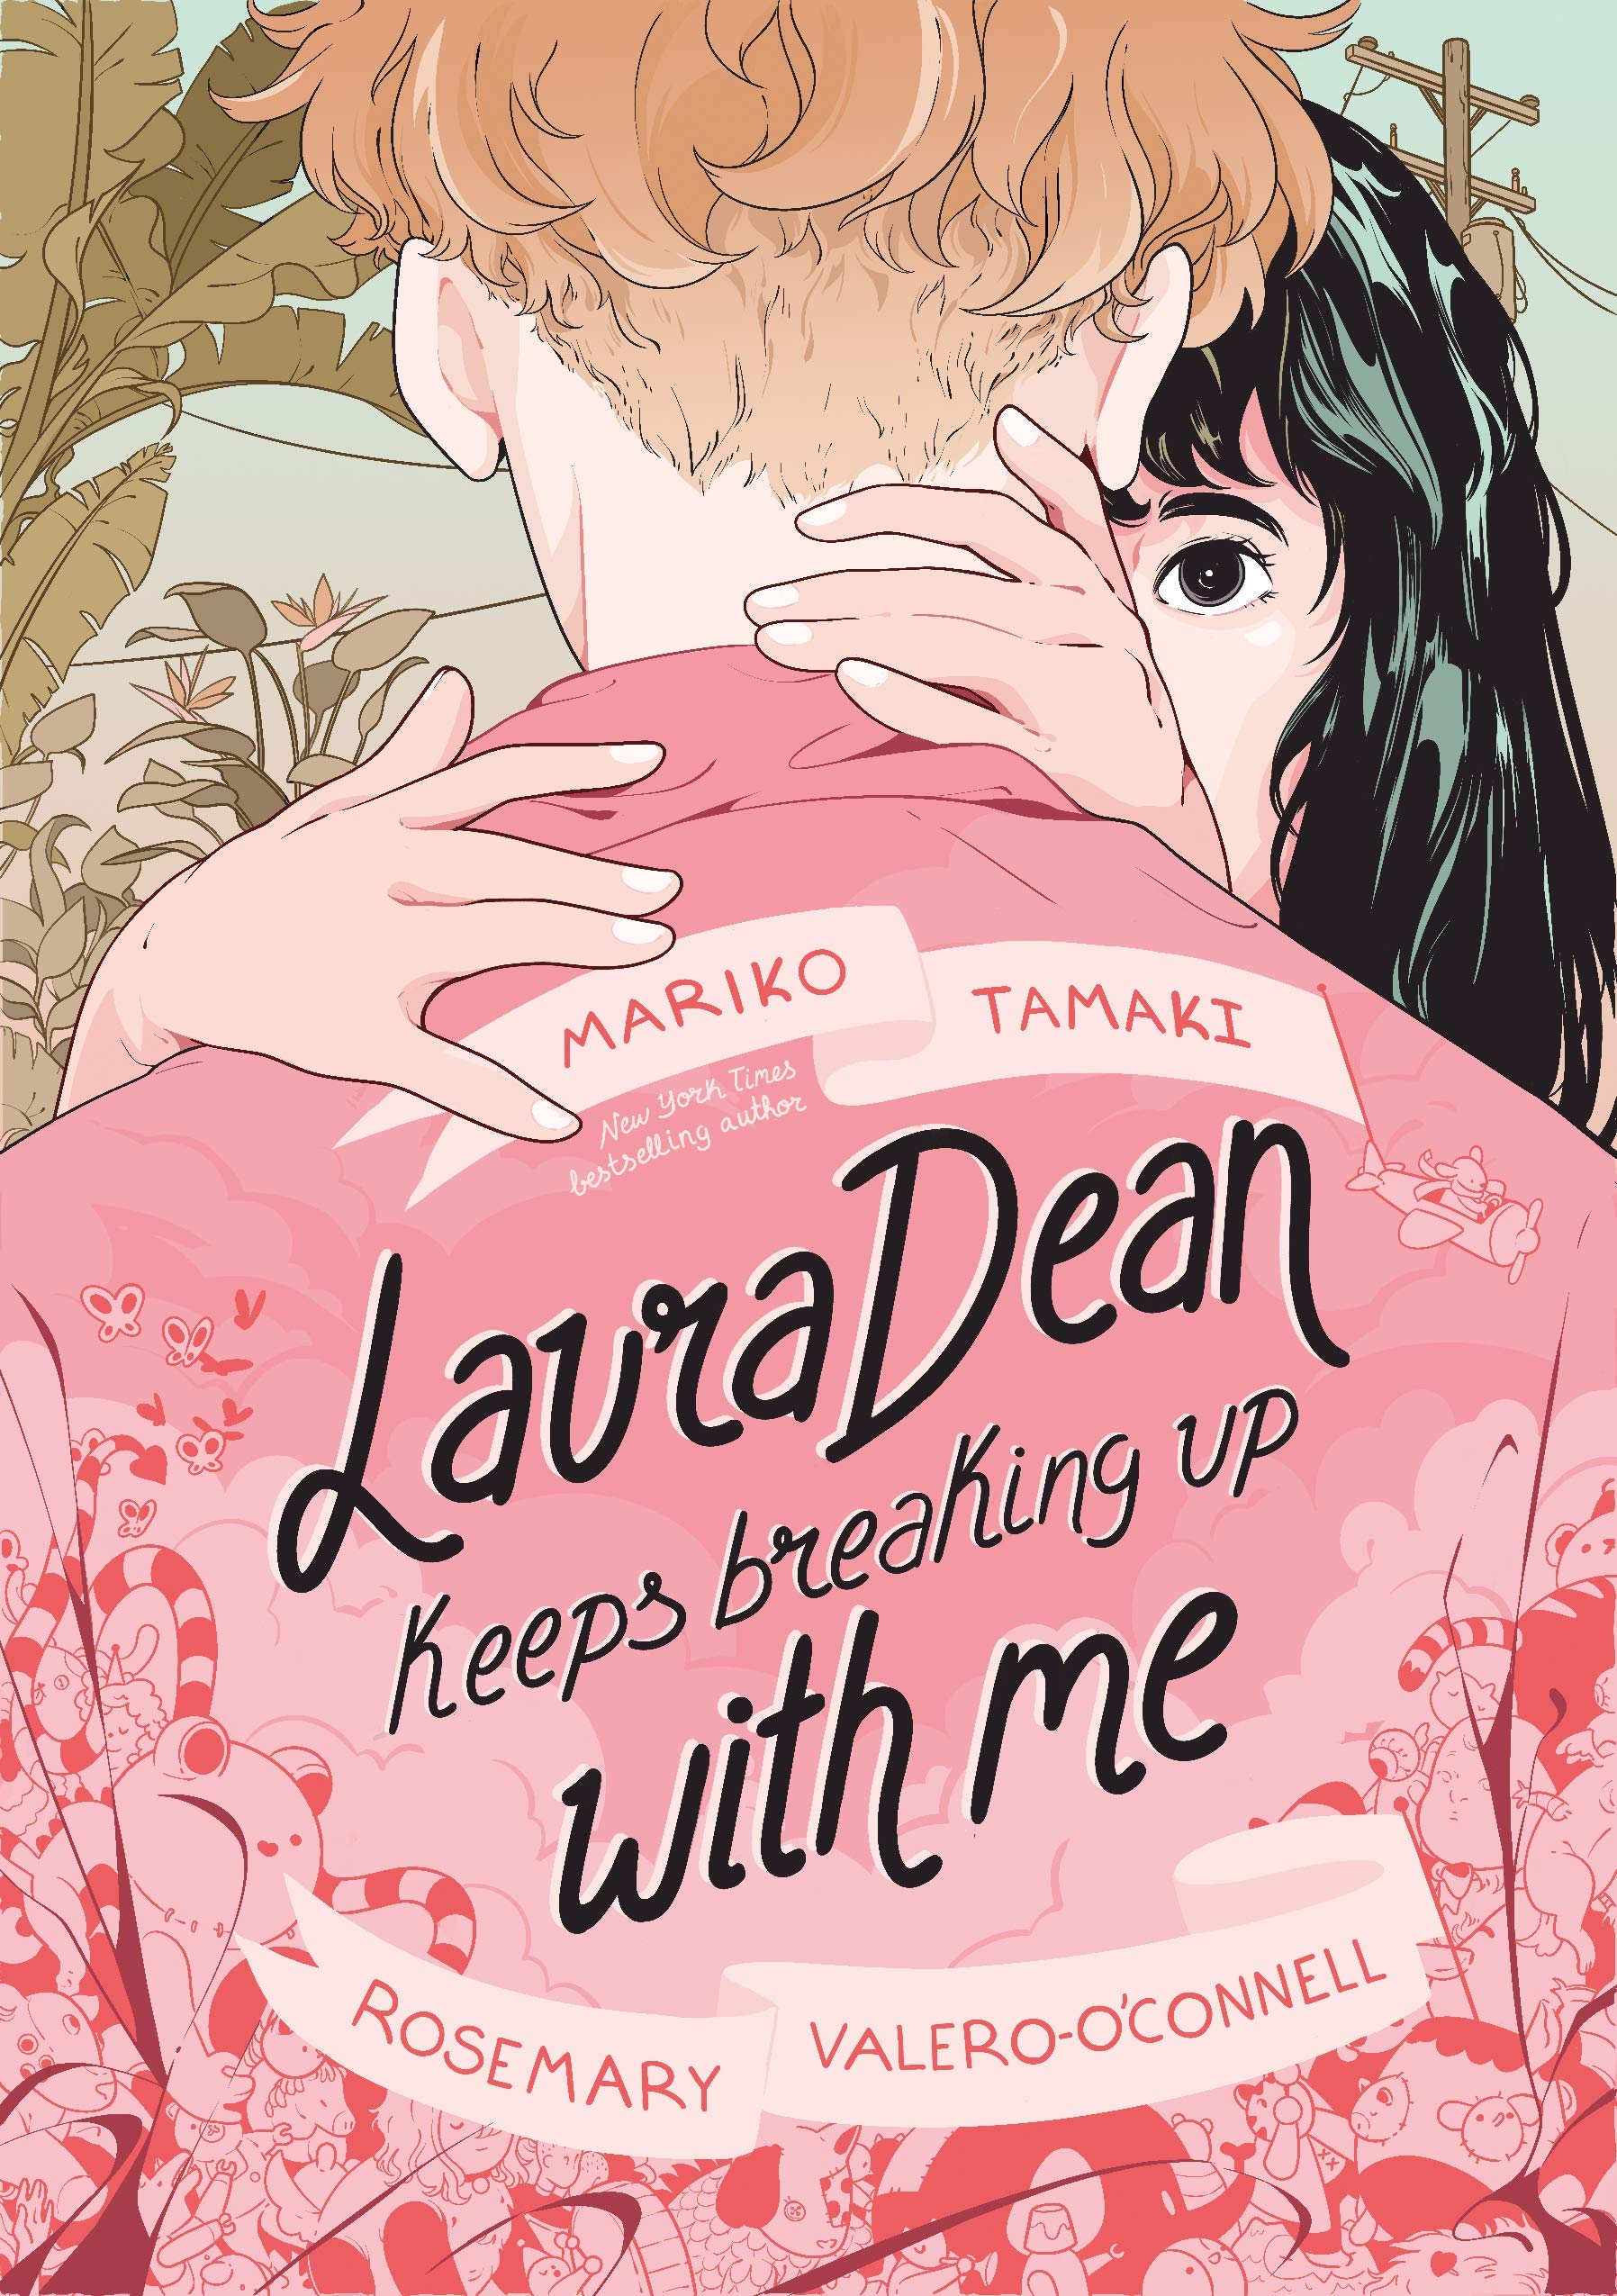 Laura Dean Keeps Breaking Up With Me by Mariko Tamaki